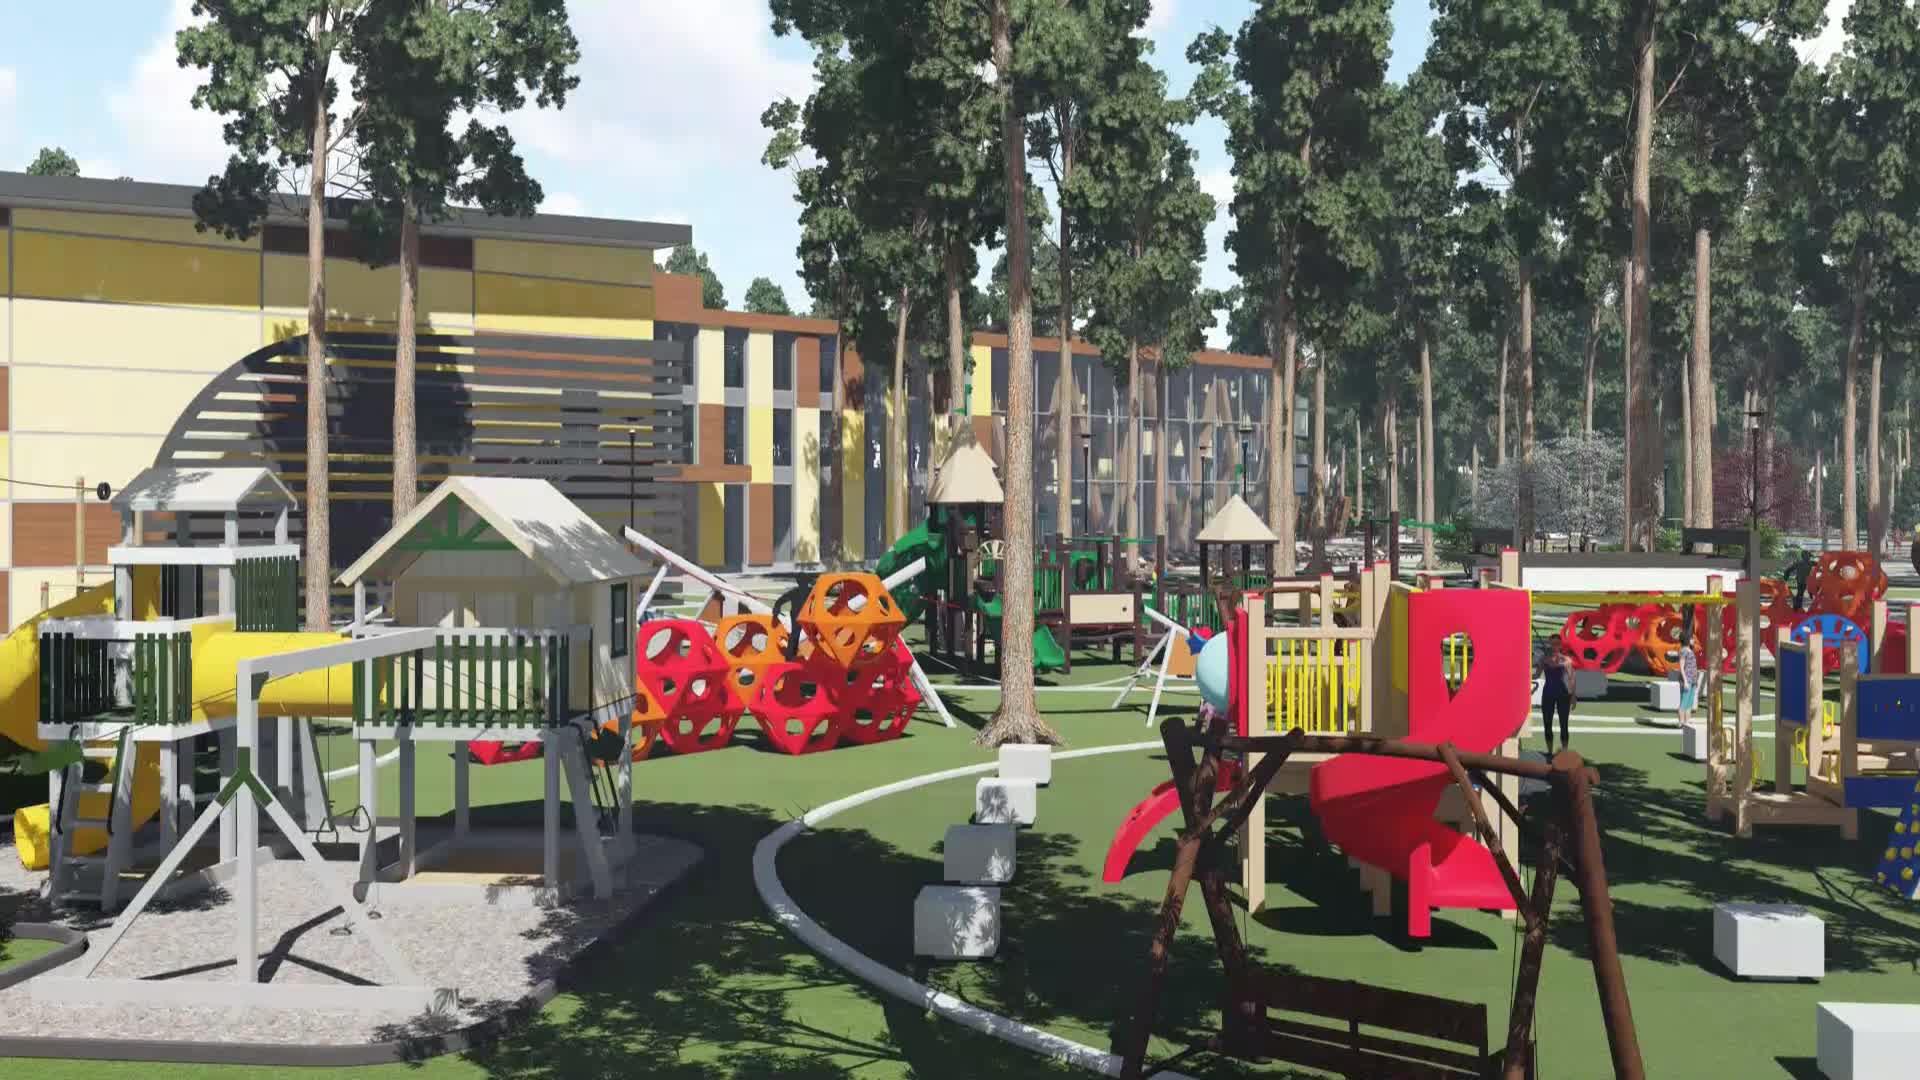 На огромной детской площадке тоже немало спортивных конструкций